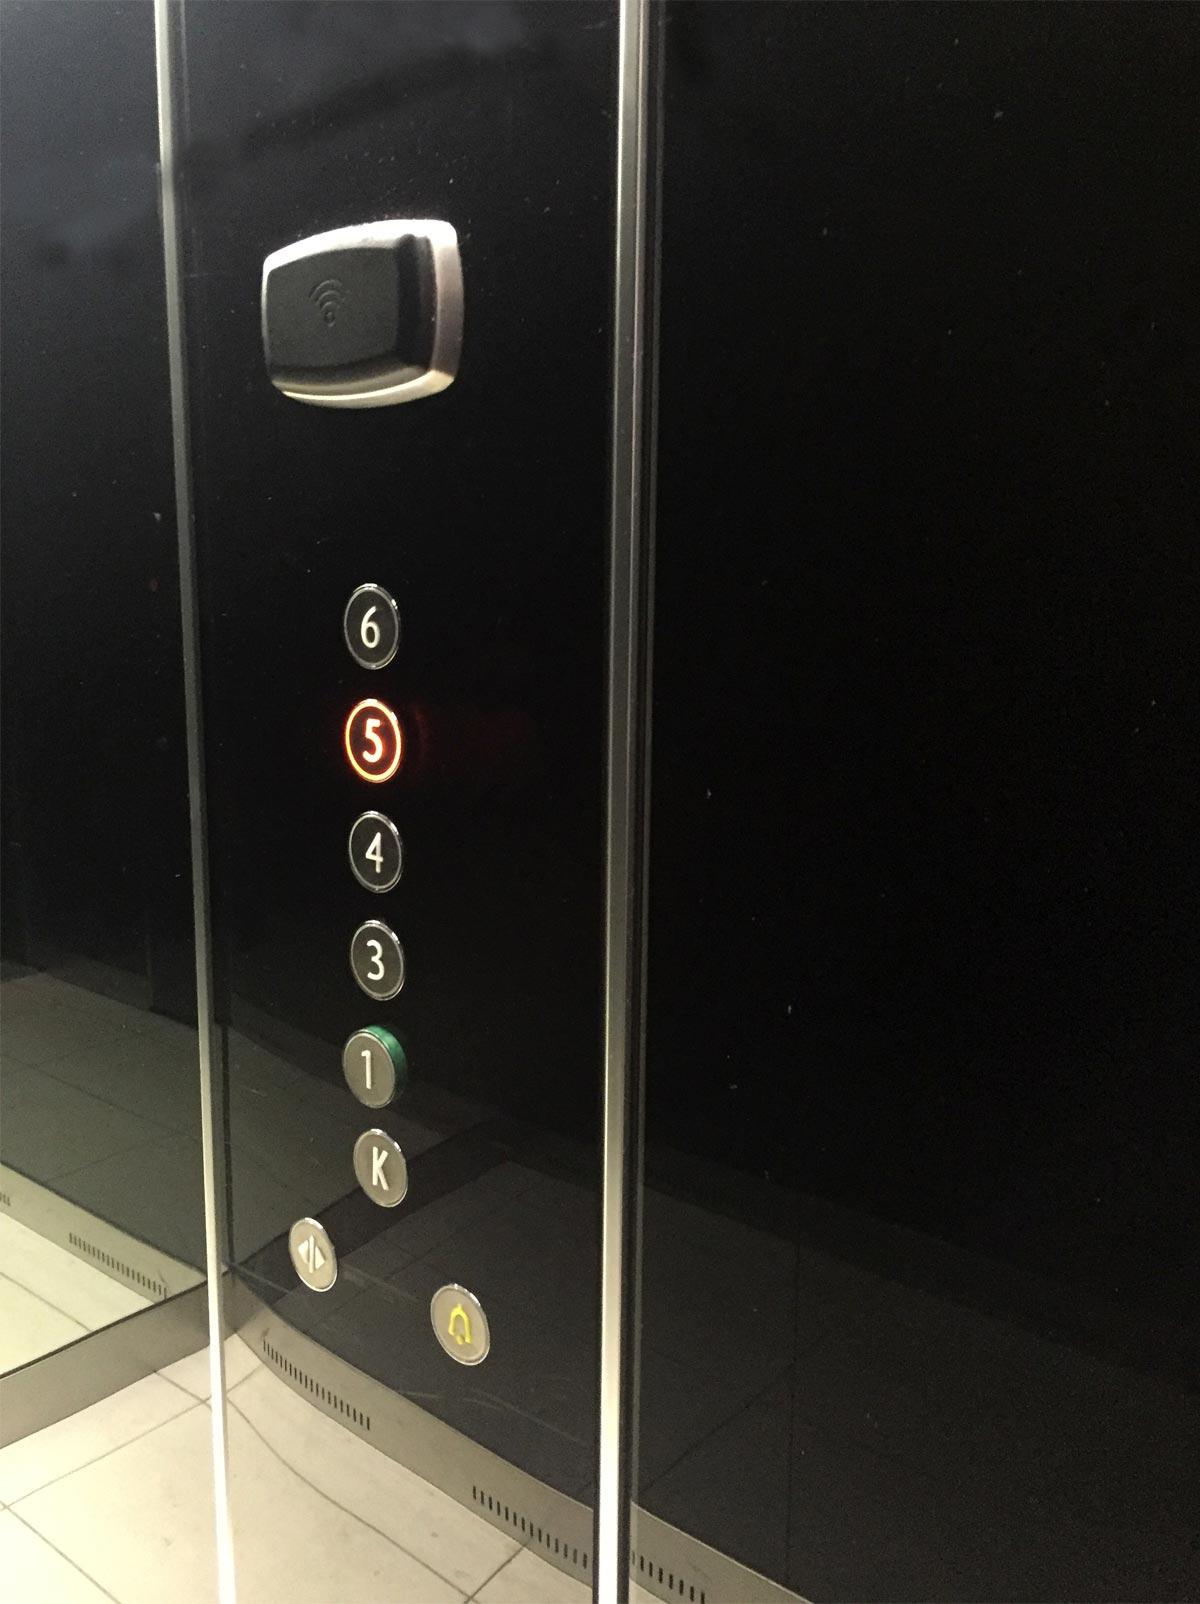 door access control, lift access control, elevator keycard system, elevator access control system, floor control, elevator floor control, office floor control, condominium floor control, elevator smart , card system